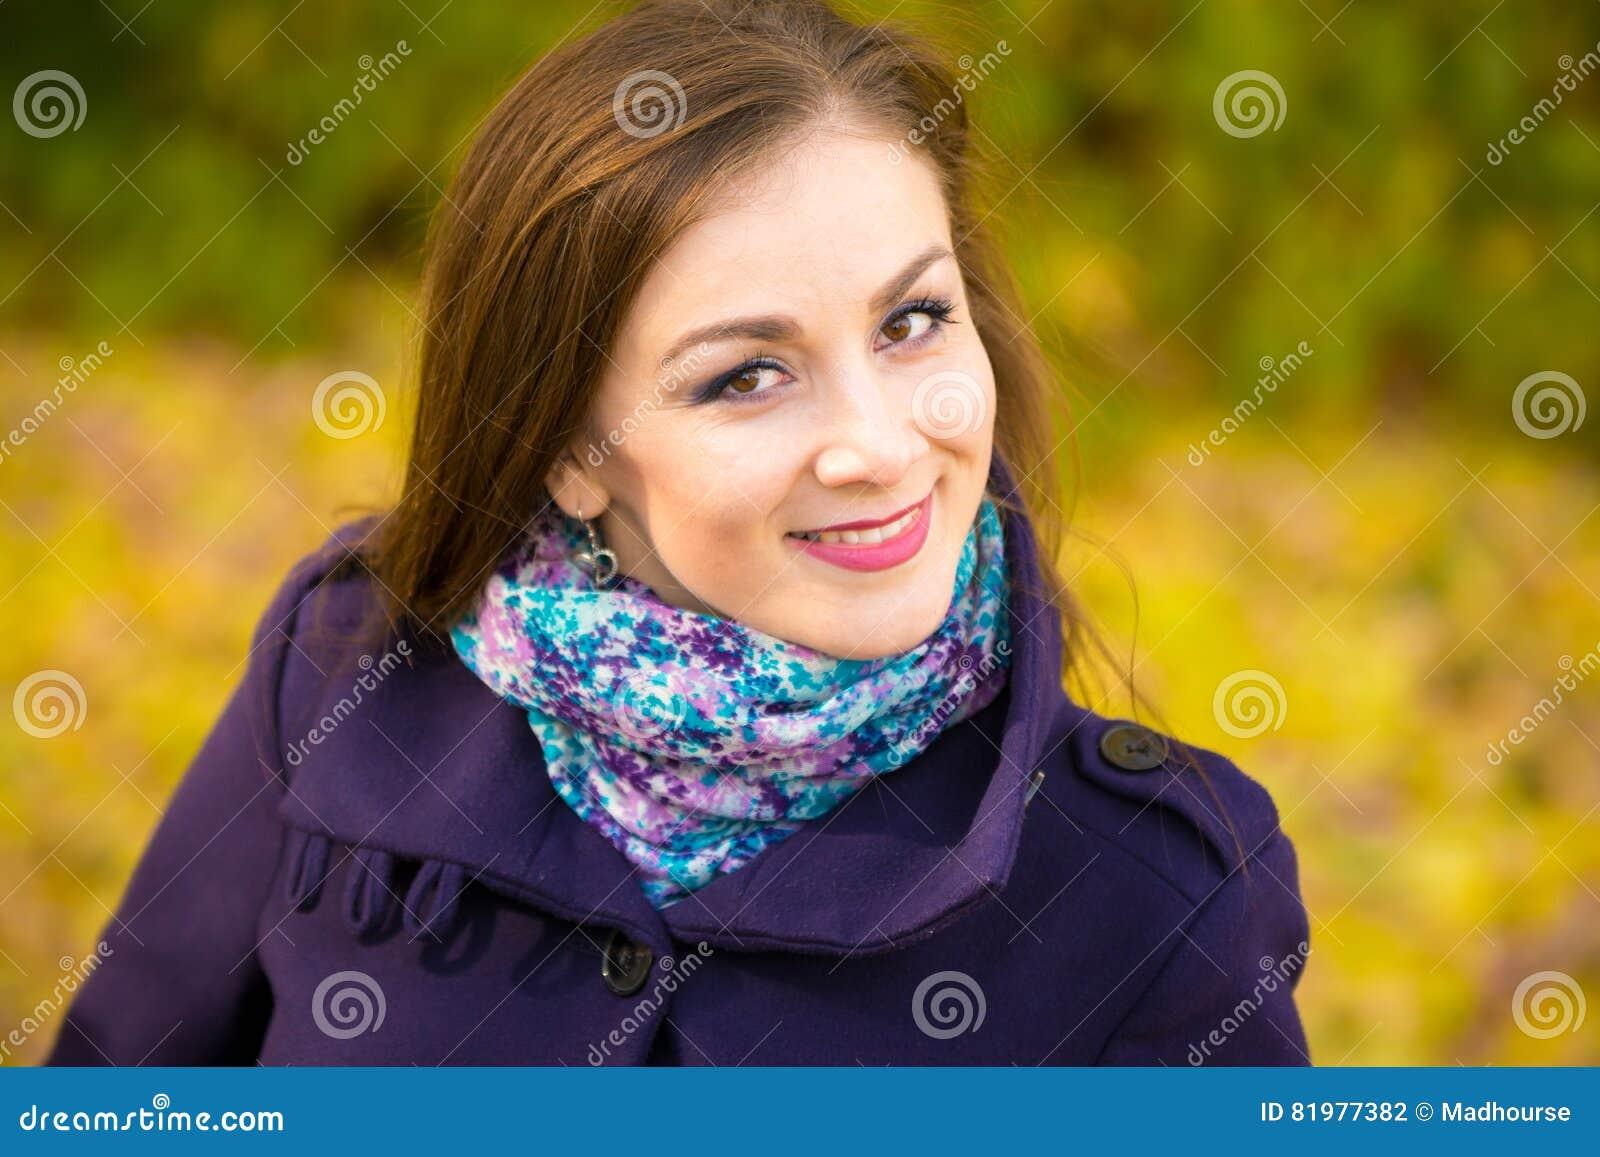 2b58eef11467 Ritratto di bella ragazza sorridente su fondo confuso delle foglie di  autunno